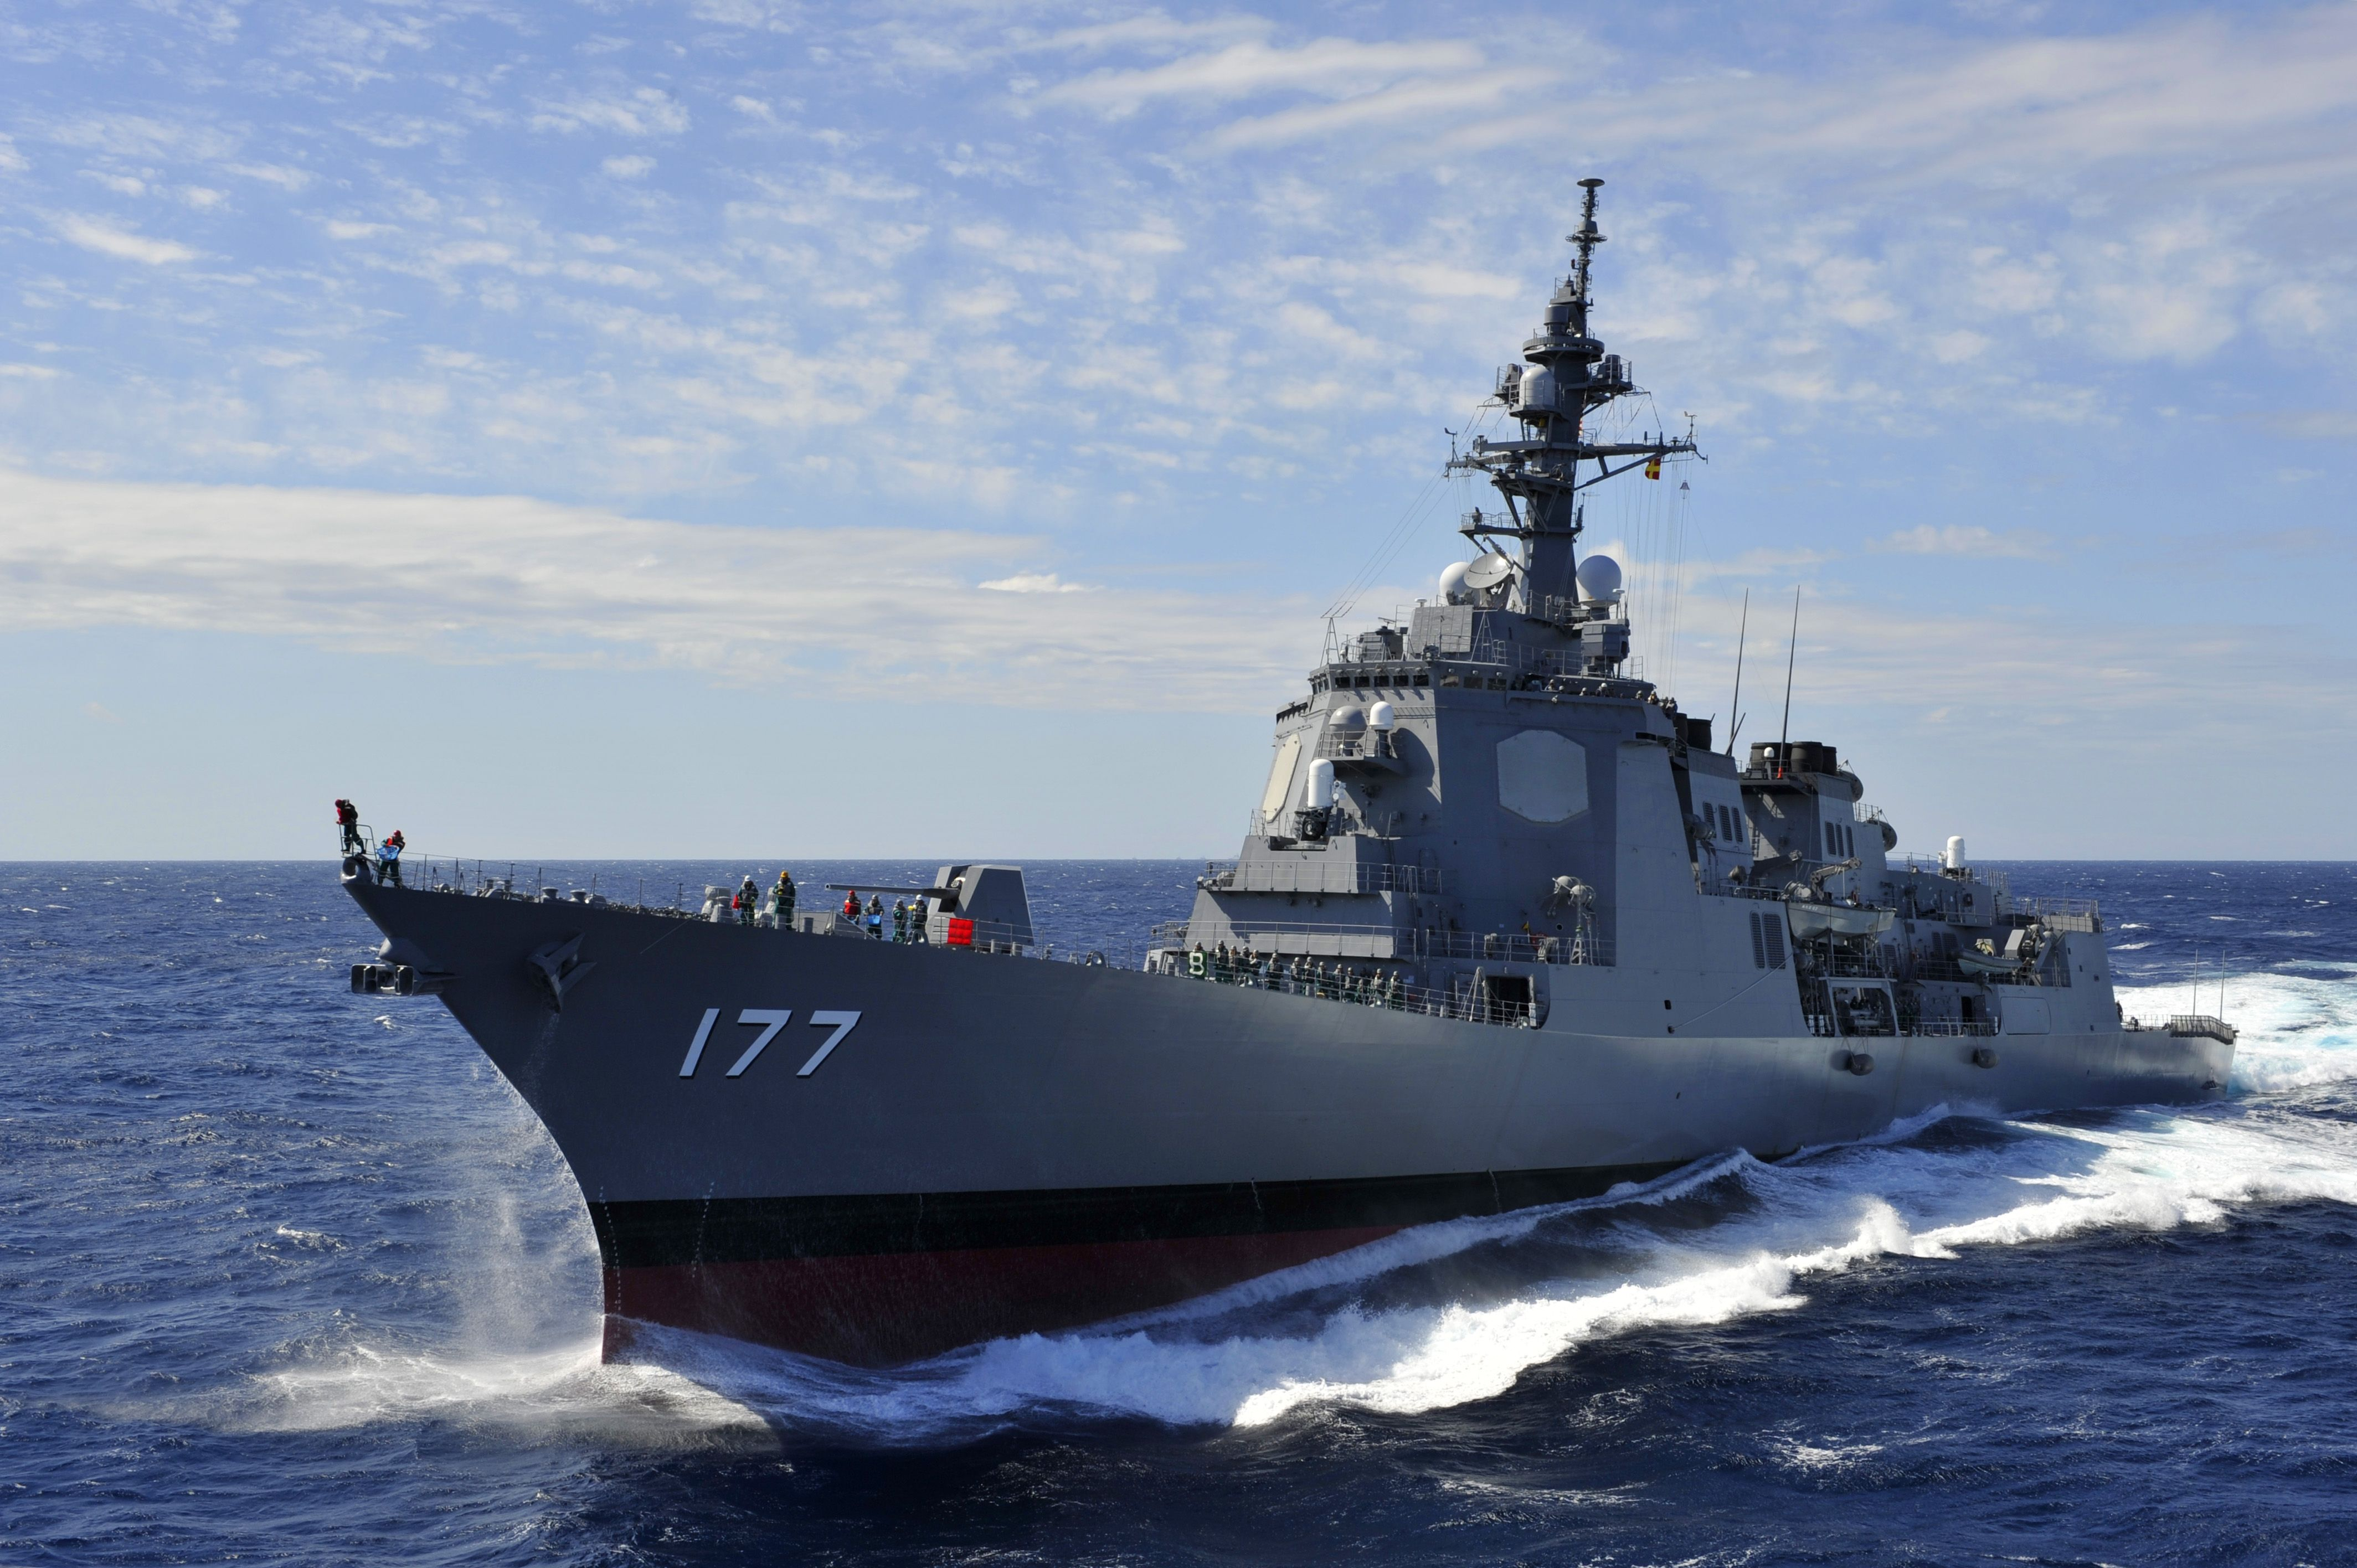 Ddg 177 愛宕 海上自衛隊 艦艇 ガスタービン